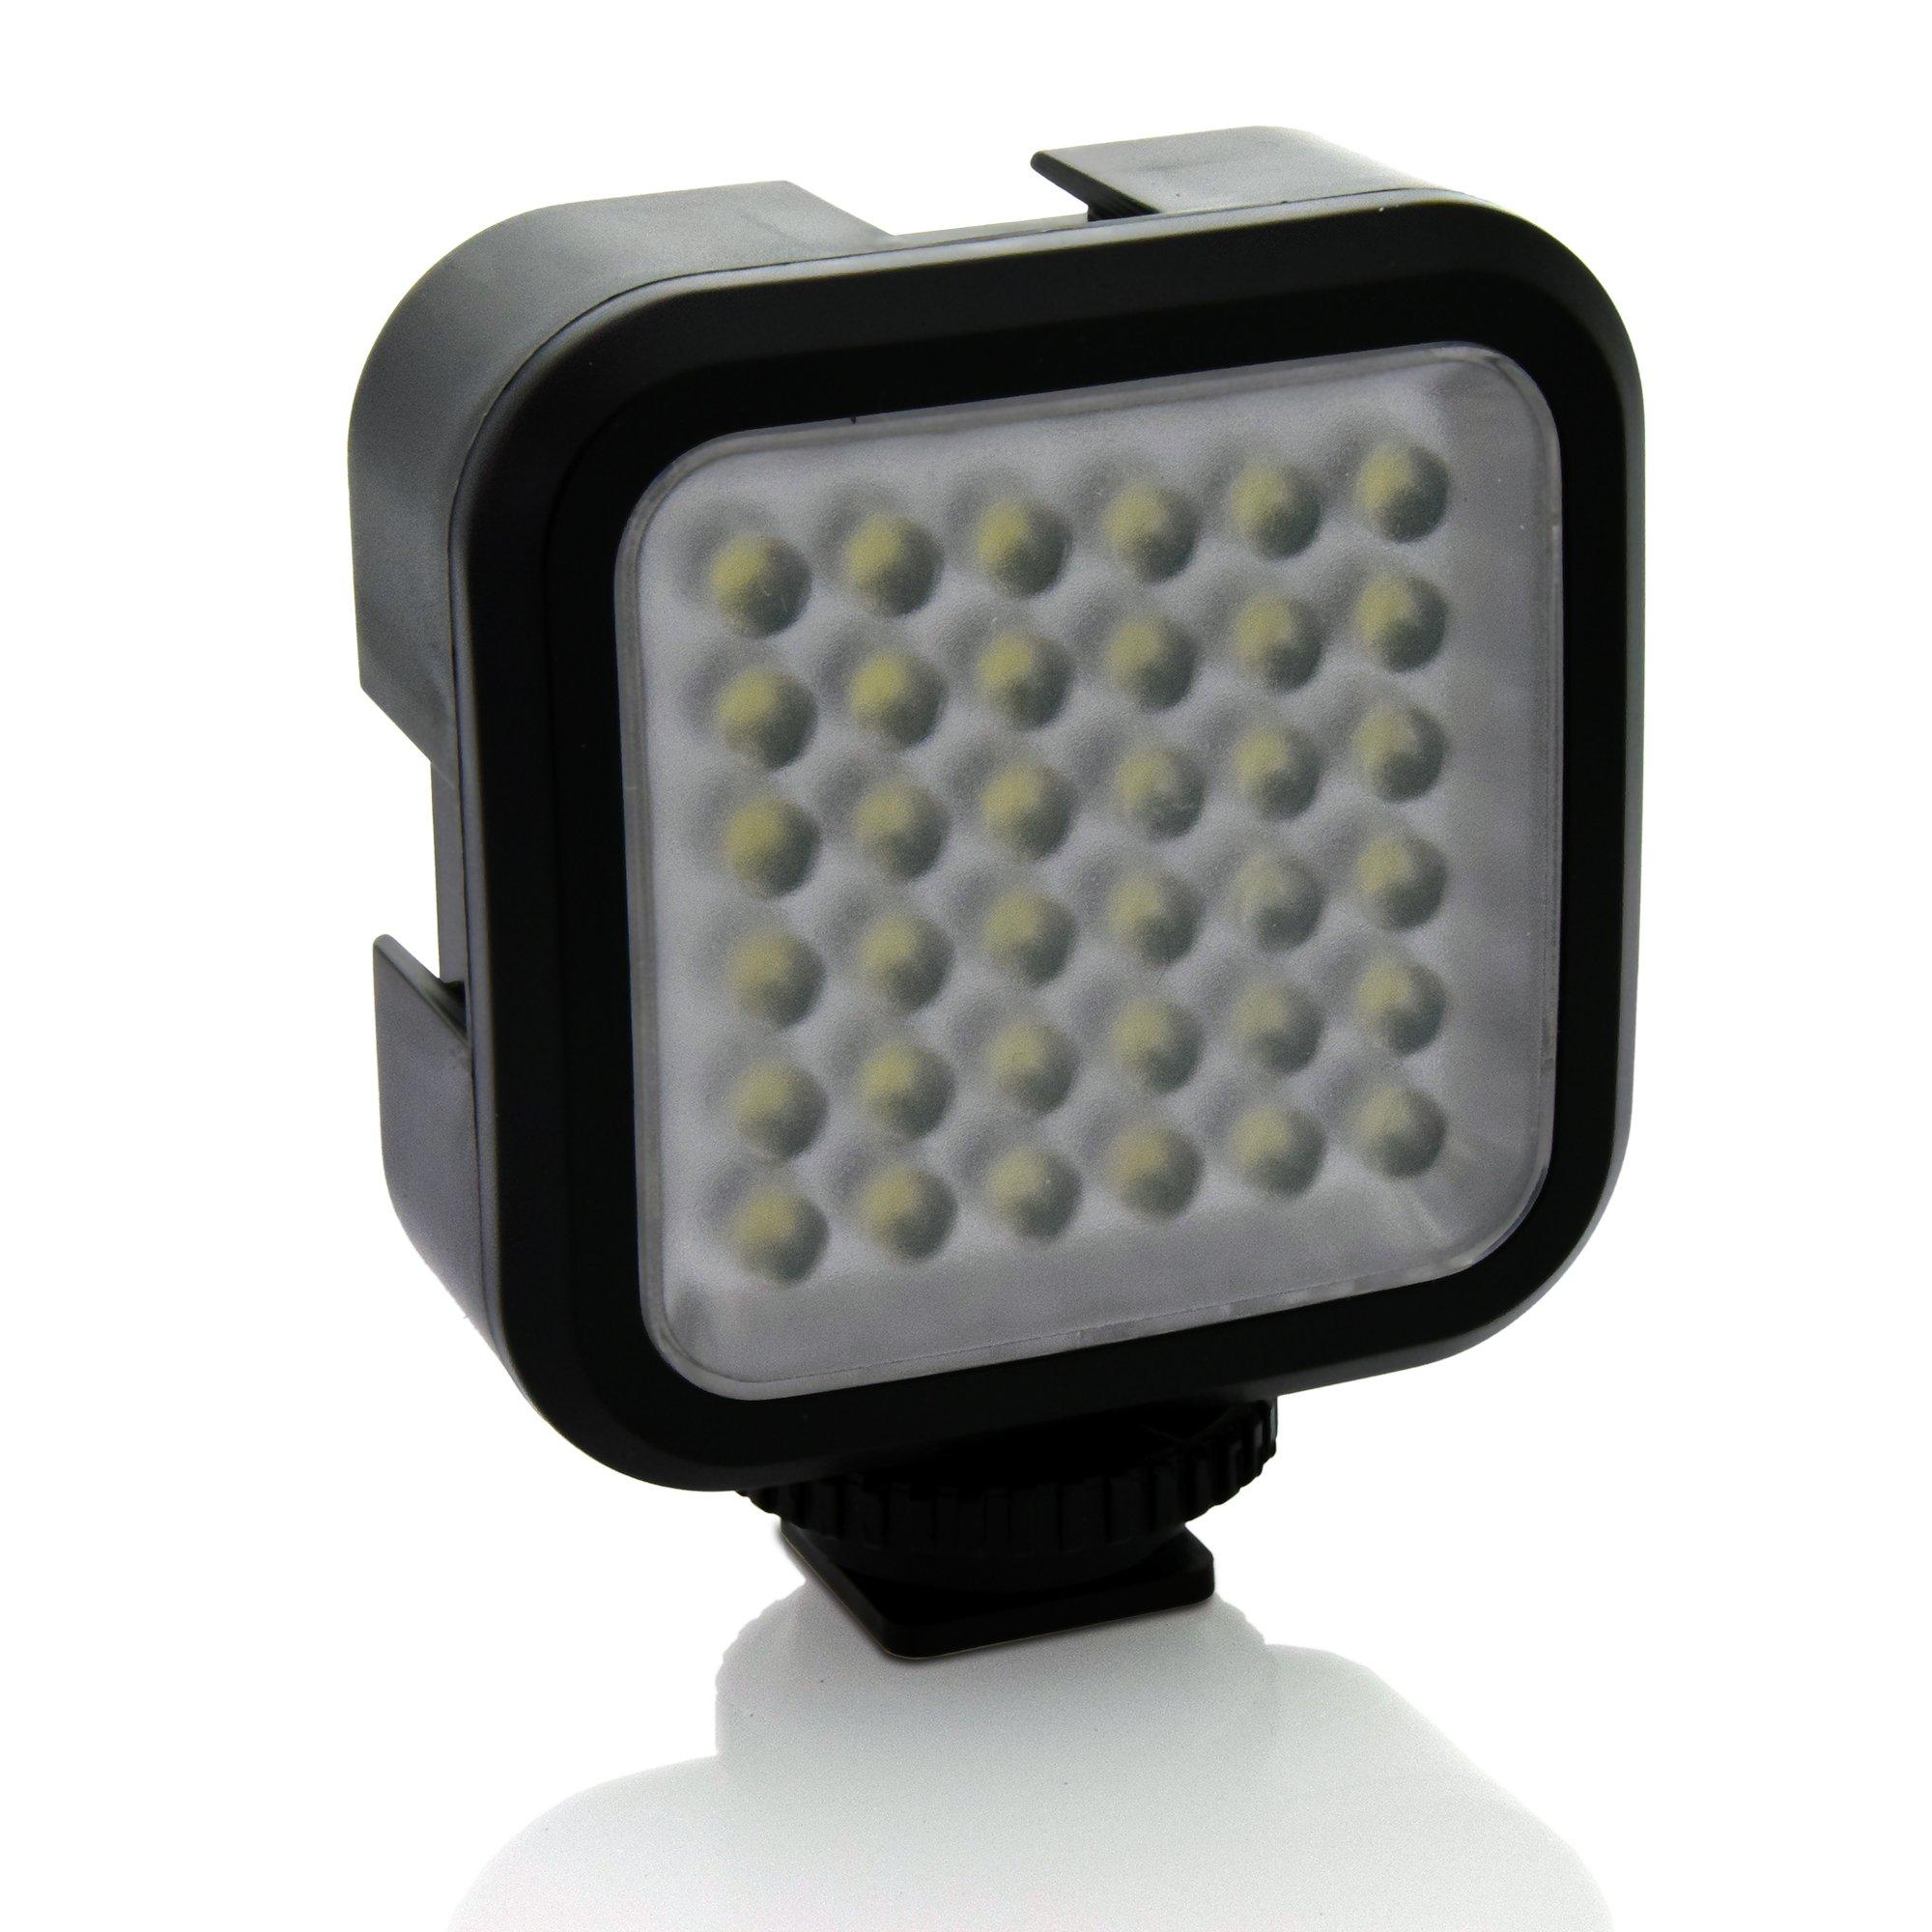 Opteka VL-5 Video Light (Black)